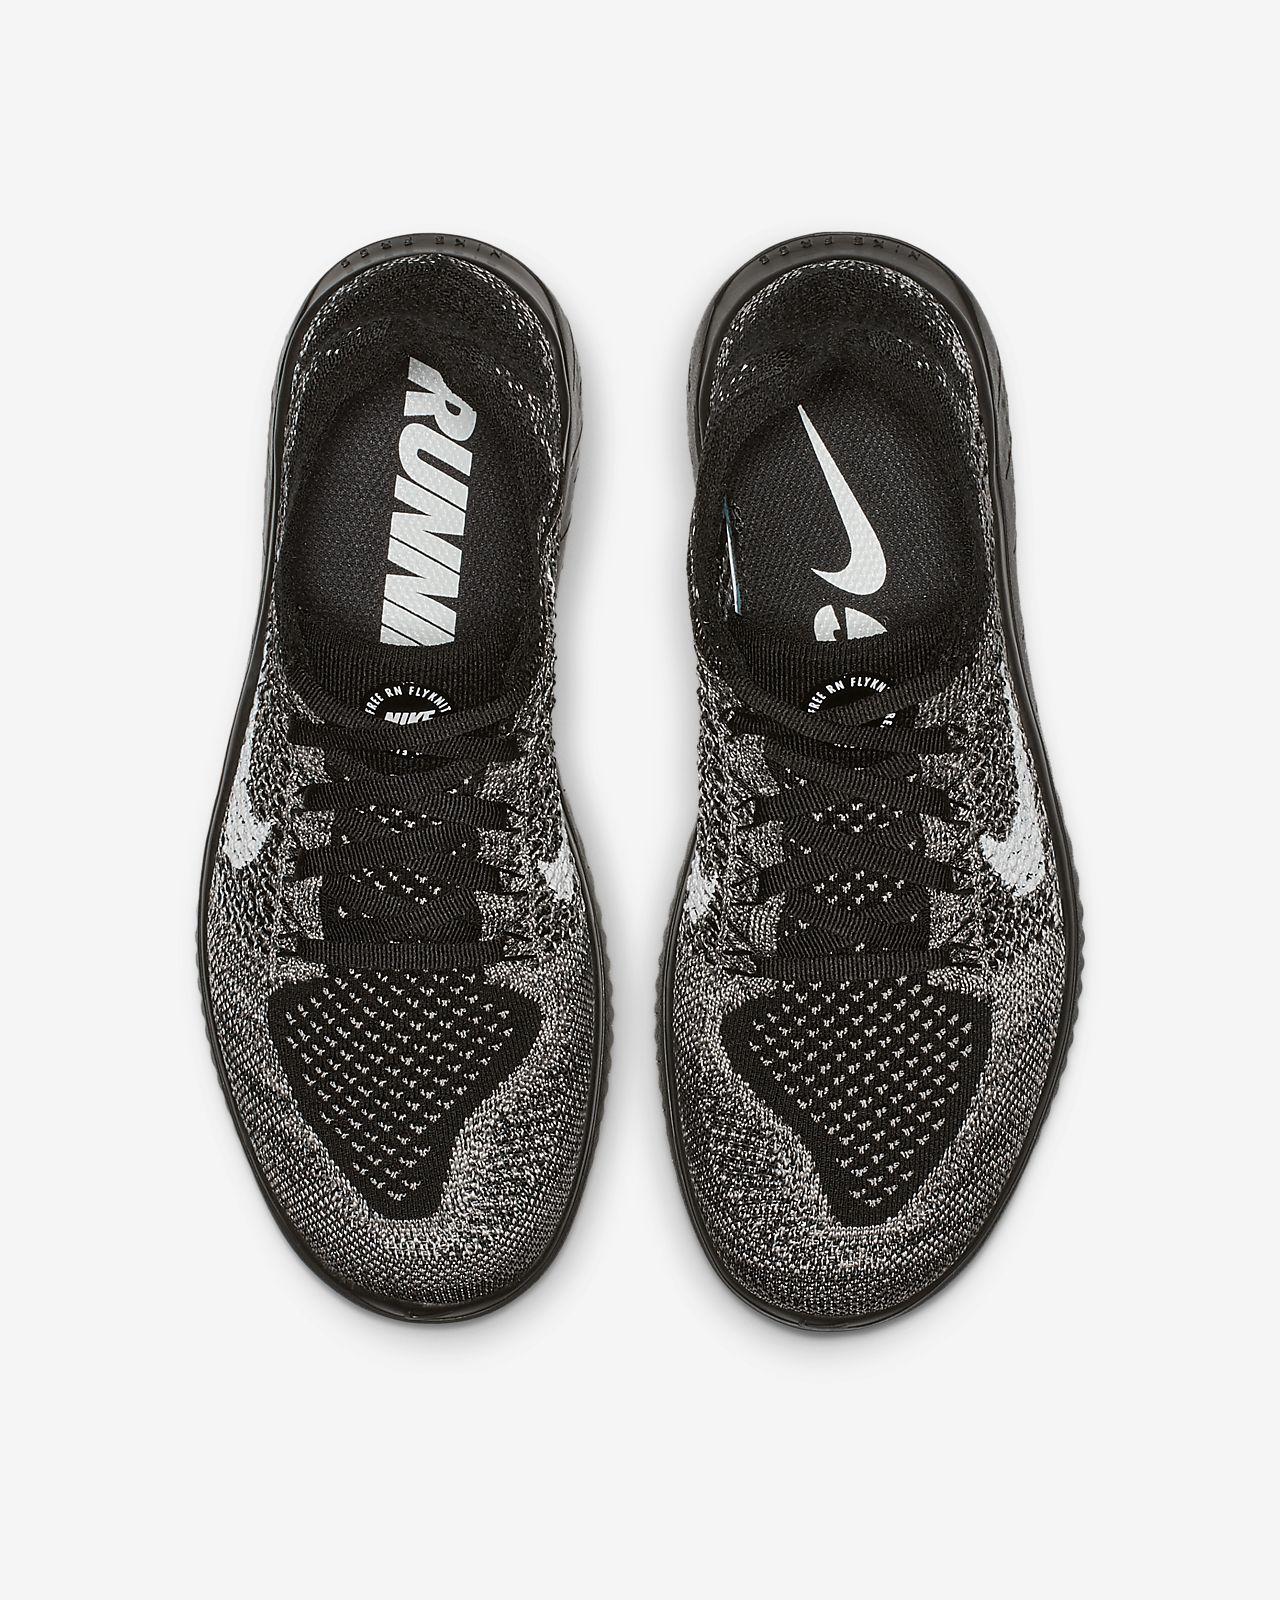 94ece7533568 Nike Free RN Flyknit 2018 Women s Running Shoe. Nike.com